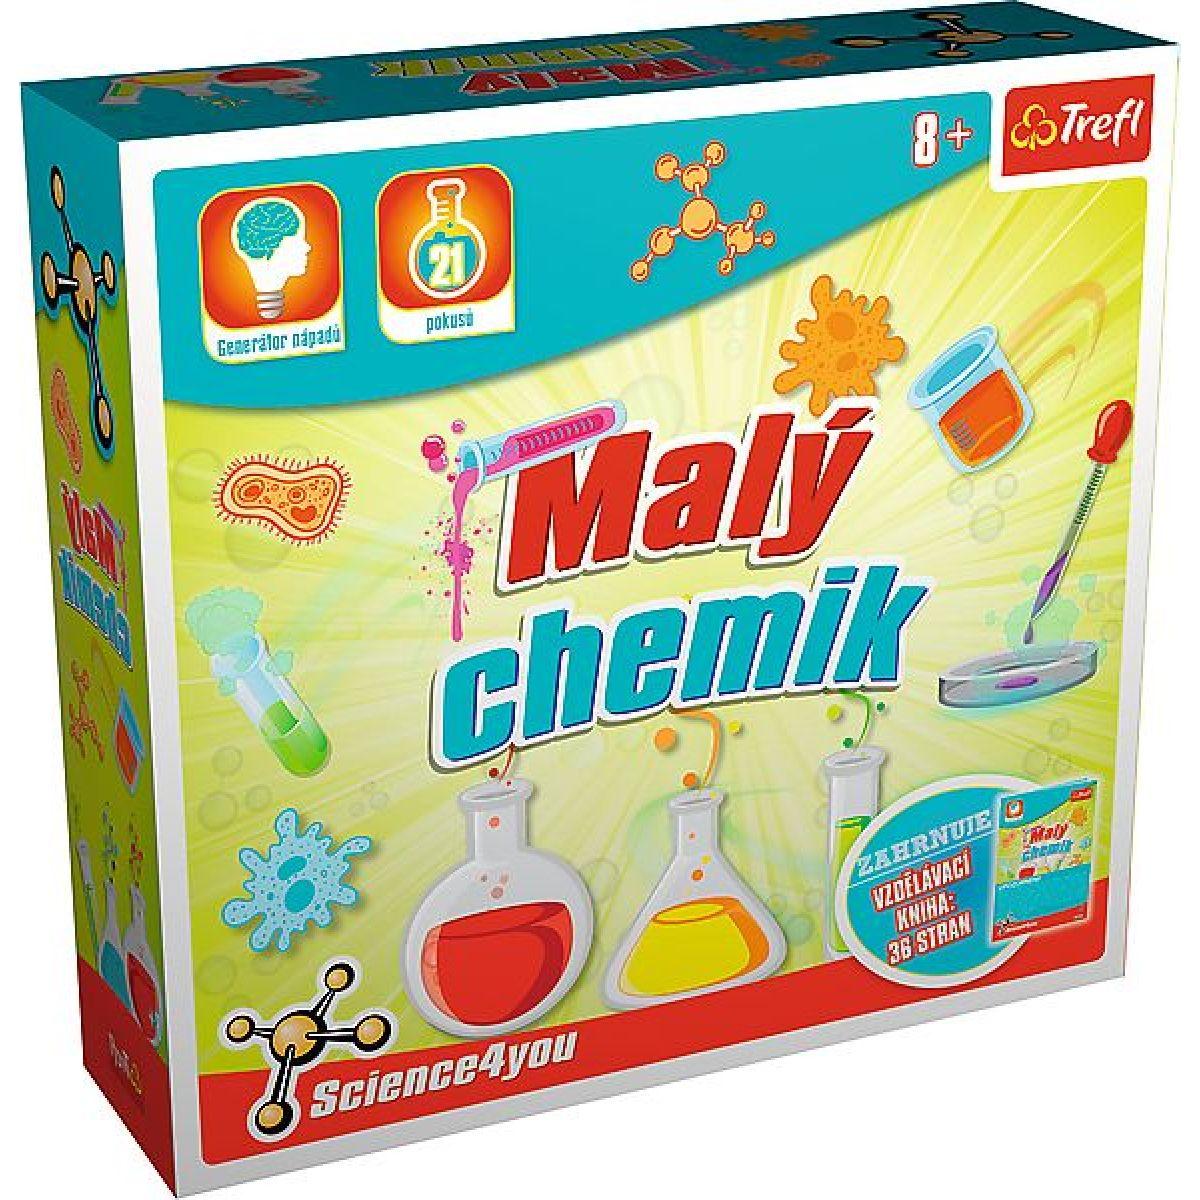 Trefl Malý chemik Science 4 you